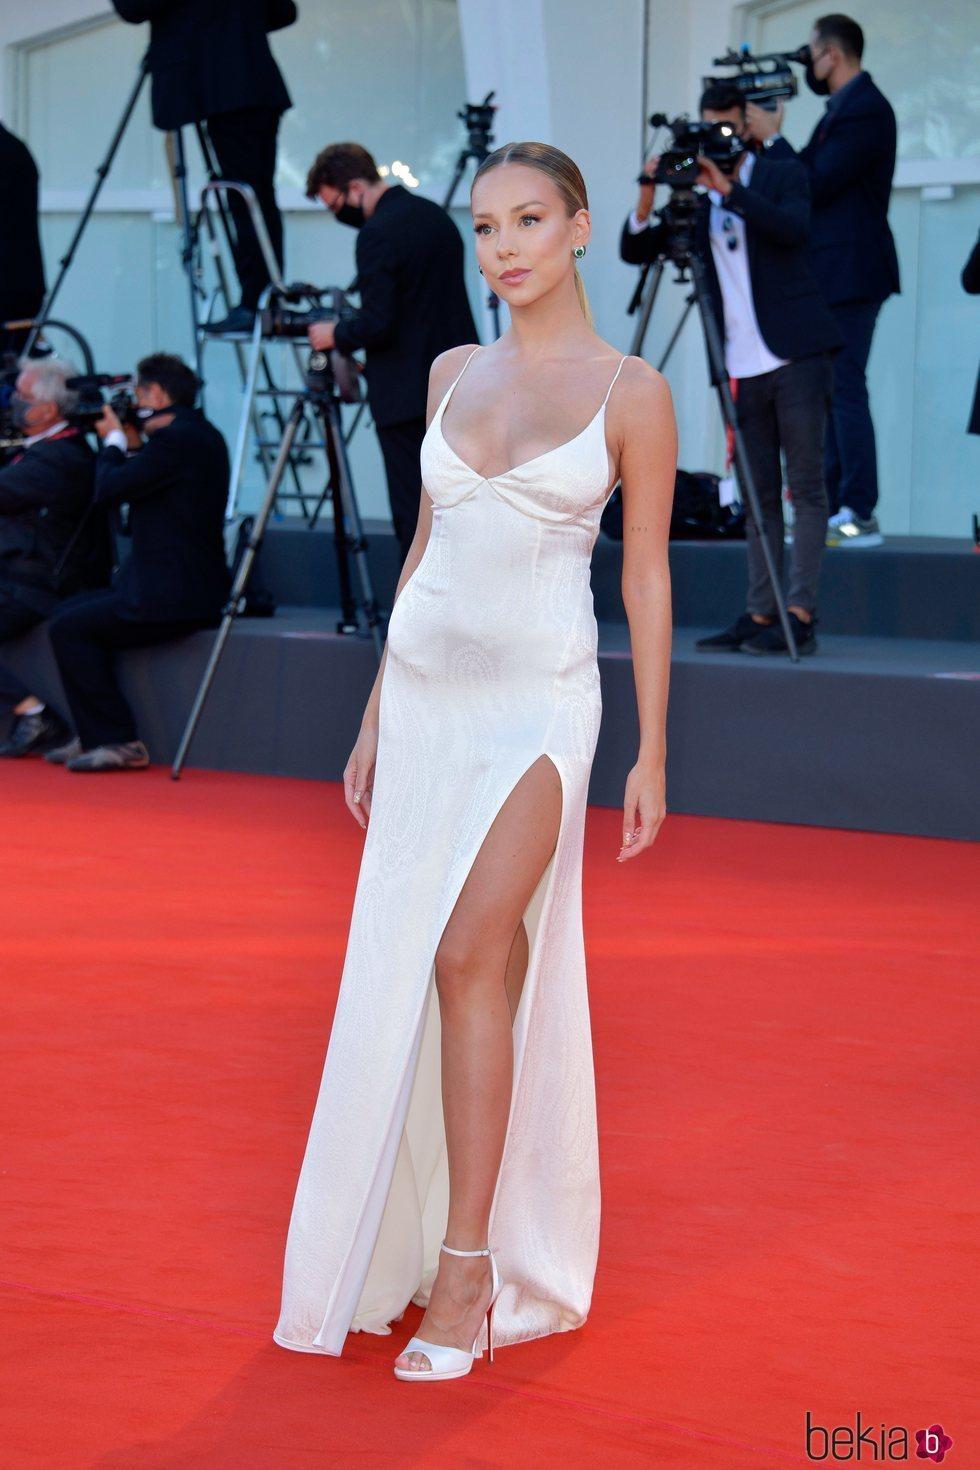 Ester Expósito en la alfombra roja del Festival de Venecia 2020